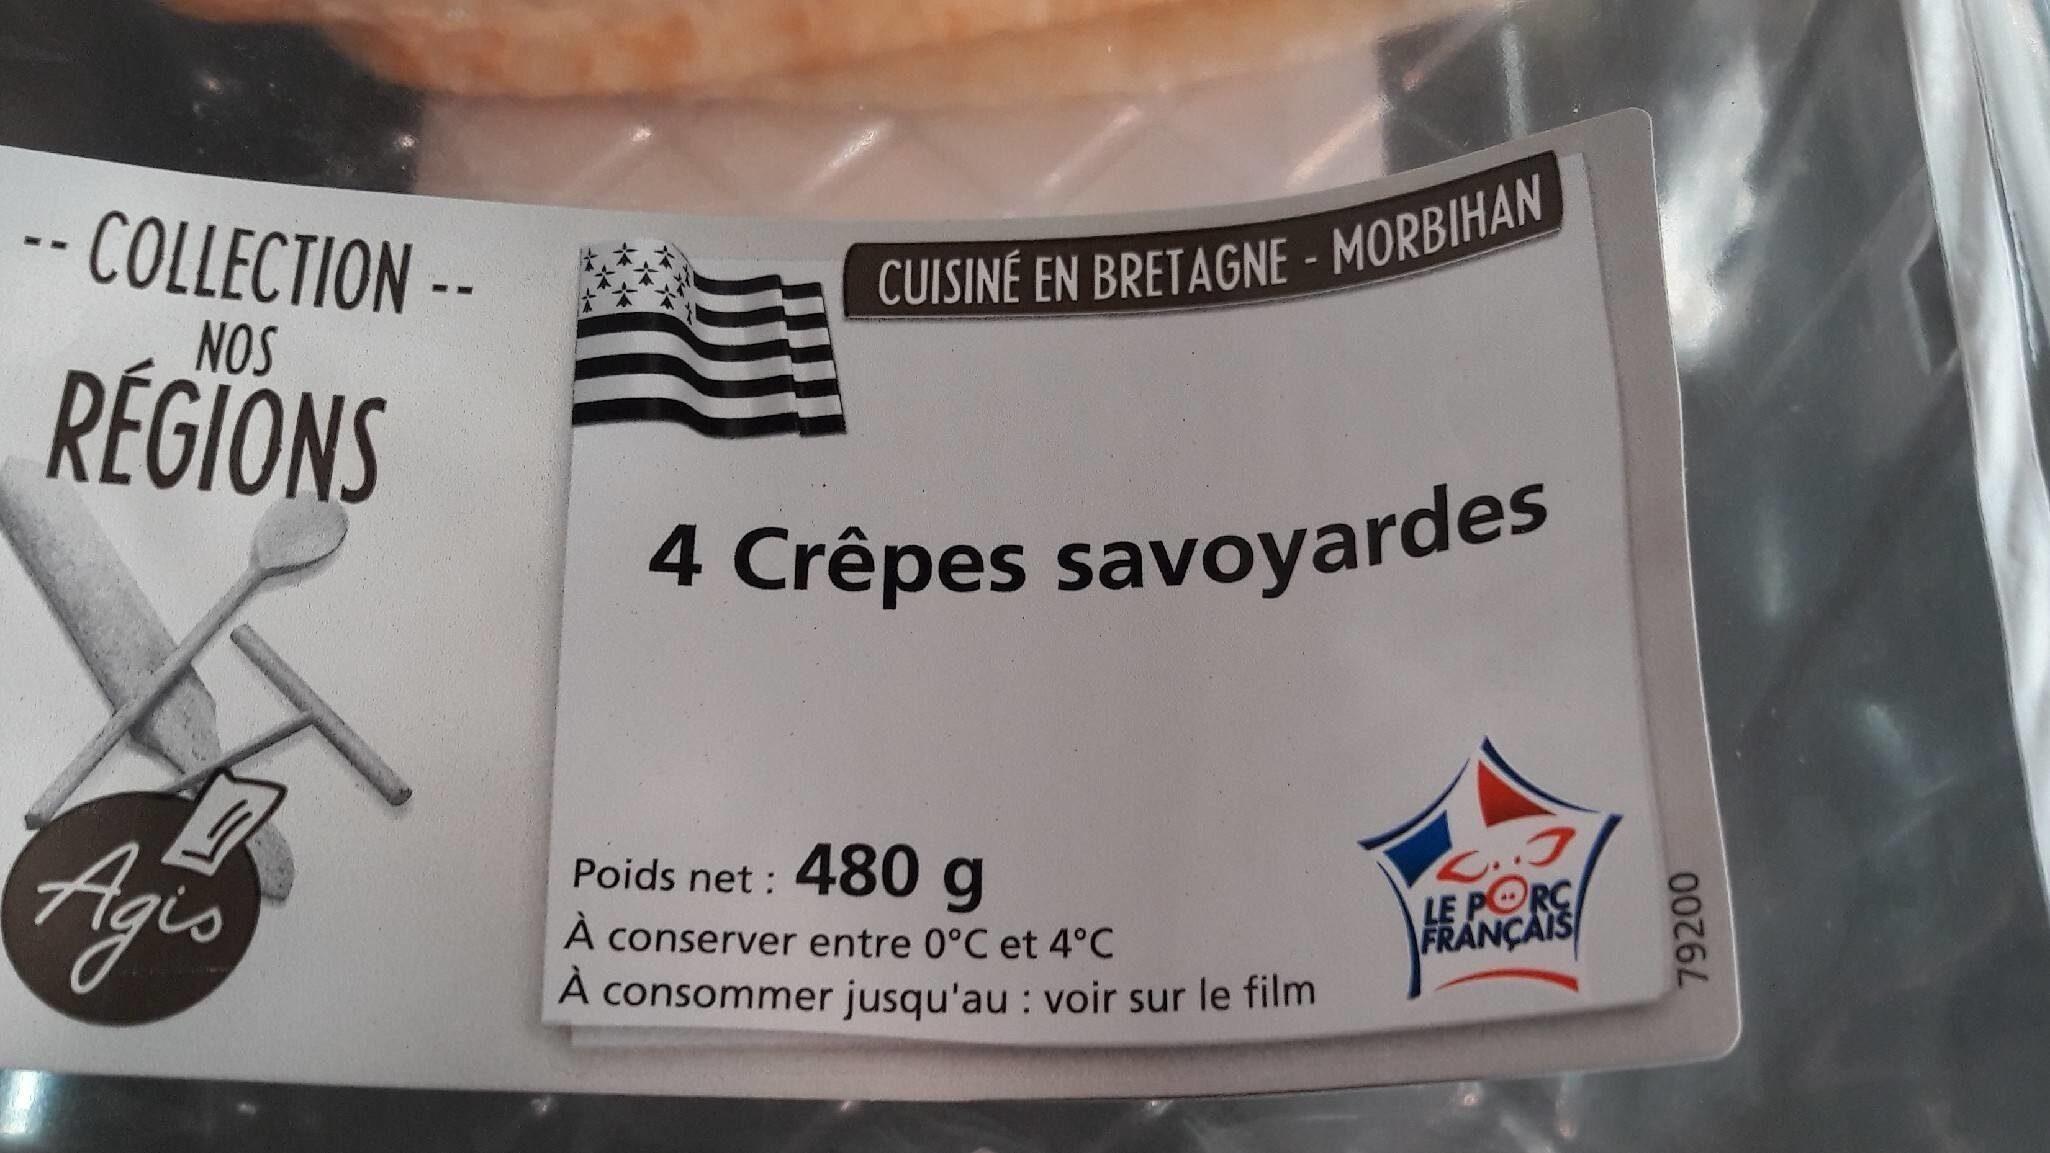 Crêpes savoyardes TOP AFFAIRE - Produit - fr